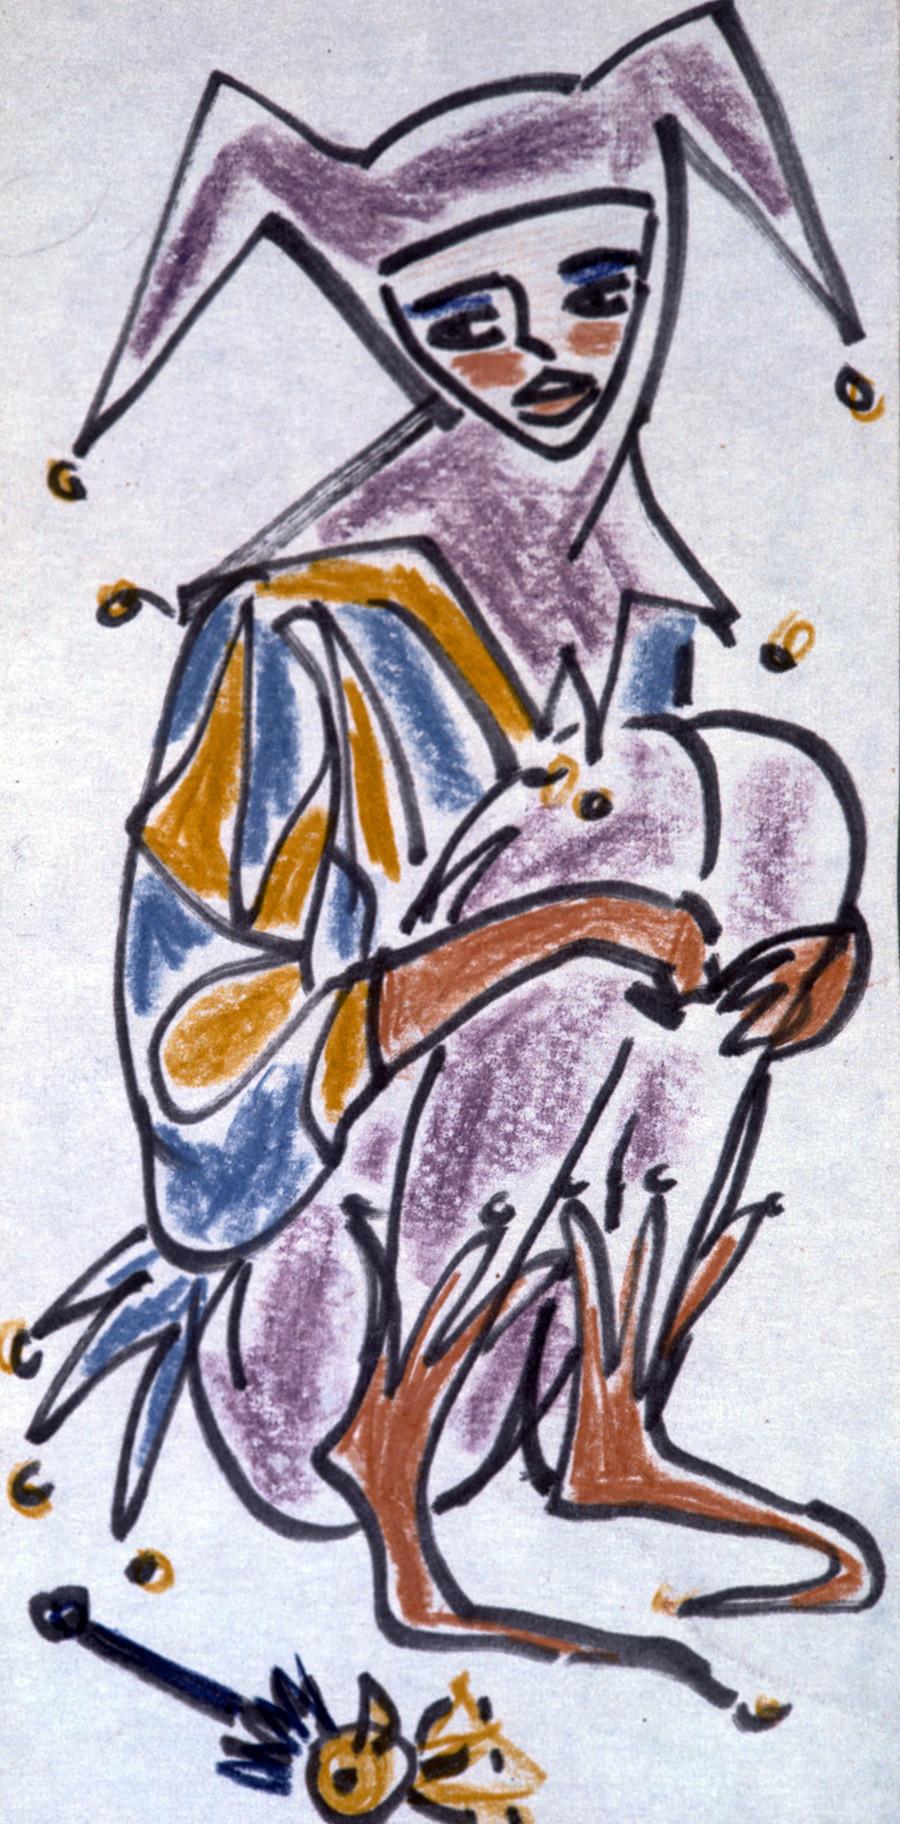 Copia de la ilustración